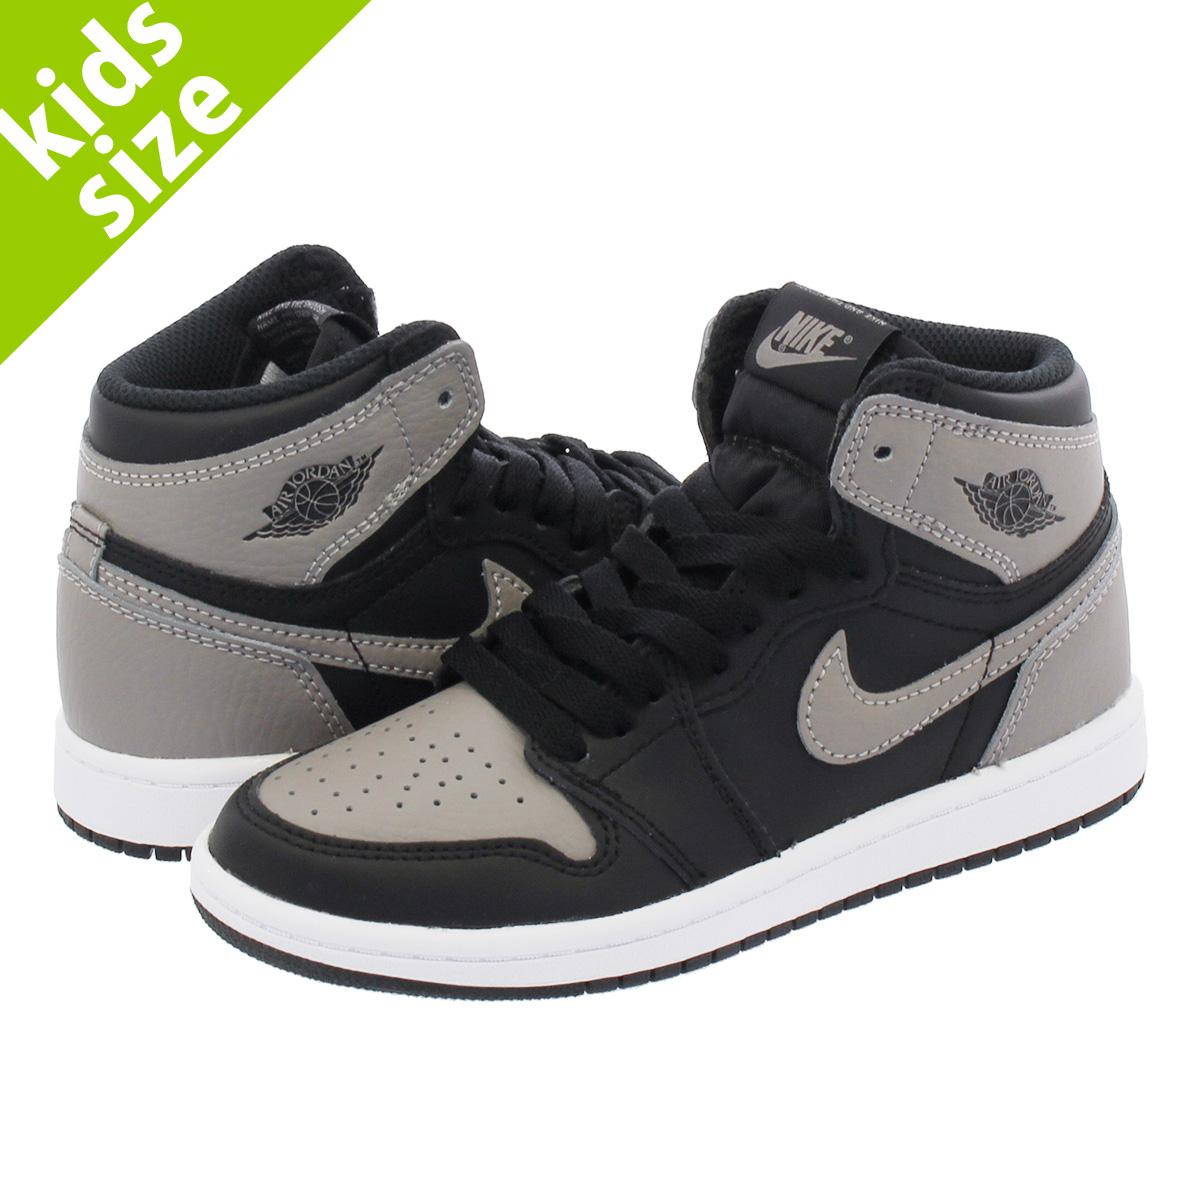 LOWTEX BIG-SMALL SHOP  NIKE AIR JORDAN 1 RETRO HIGH OG BP Nike Air Jordan 1  nostalgic high OG BP BLACK MEDIUM GREY WHITE aq2664-013  61e0625eb